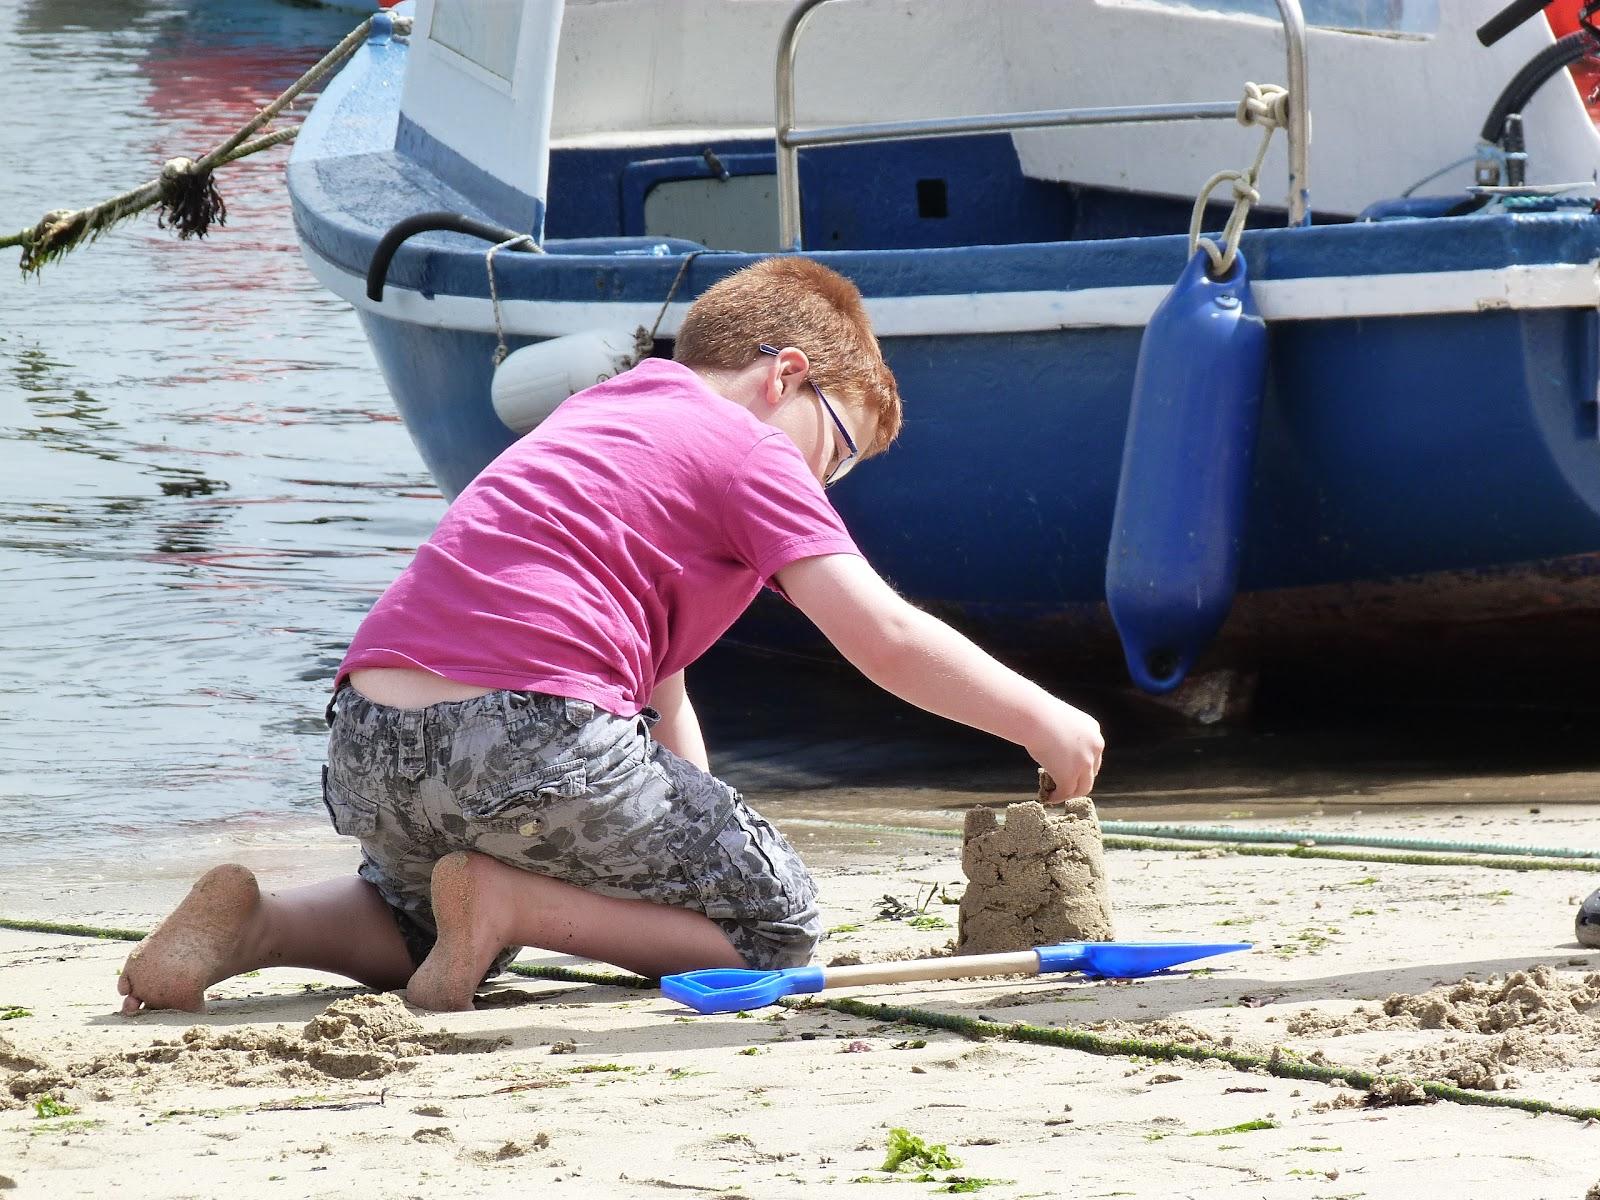 Boy builds sandcastle